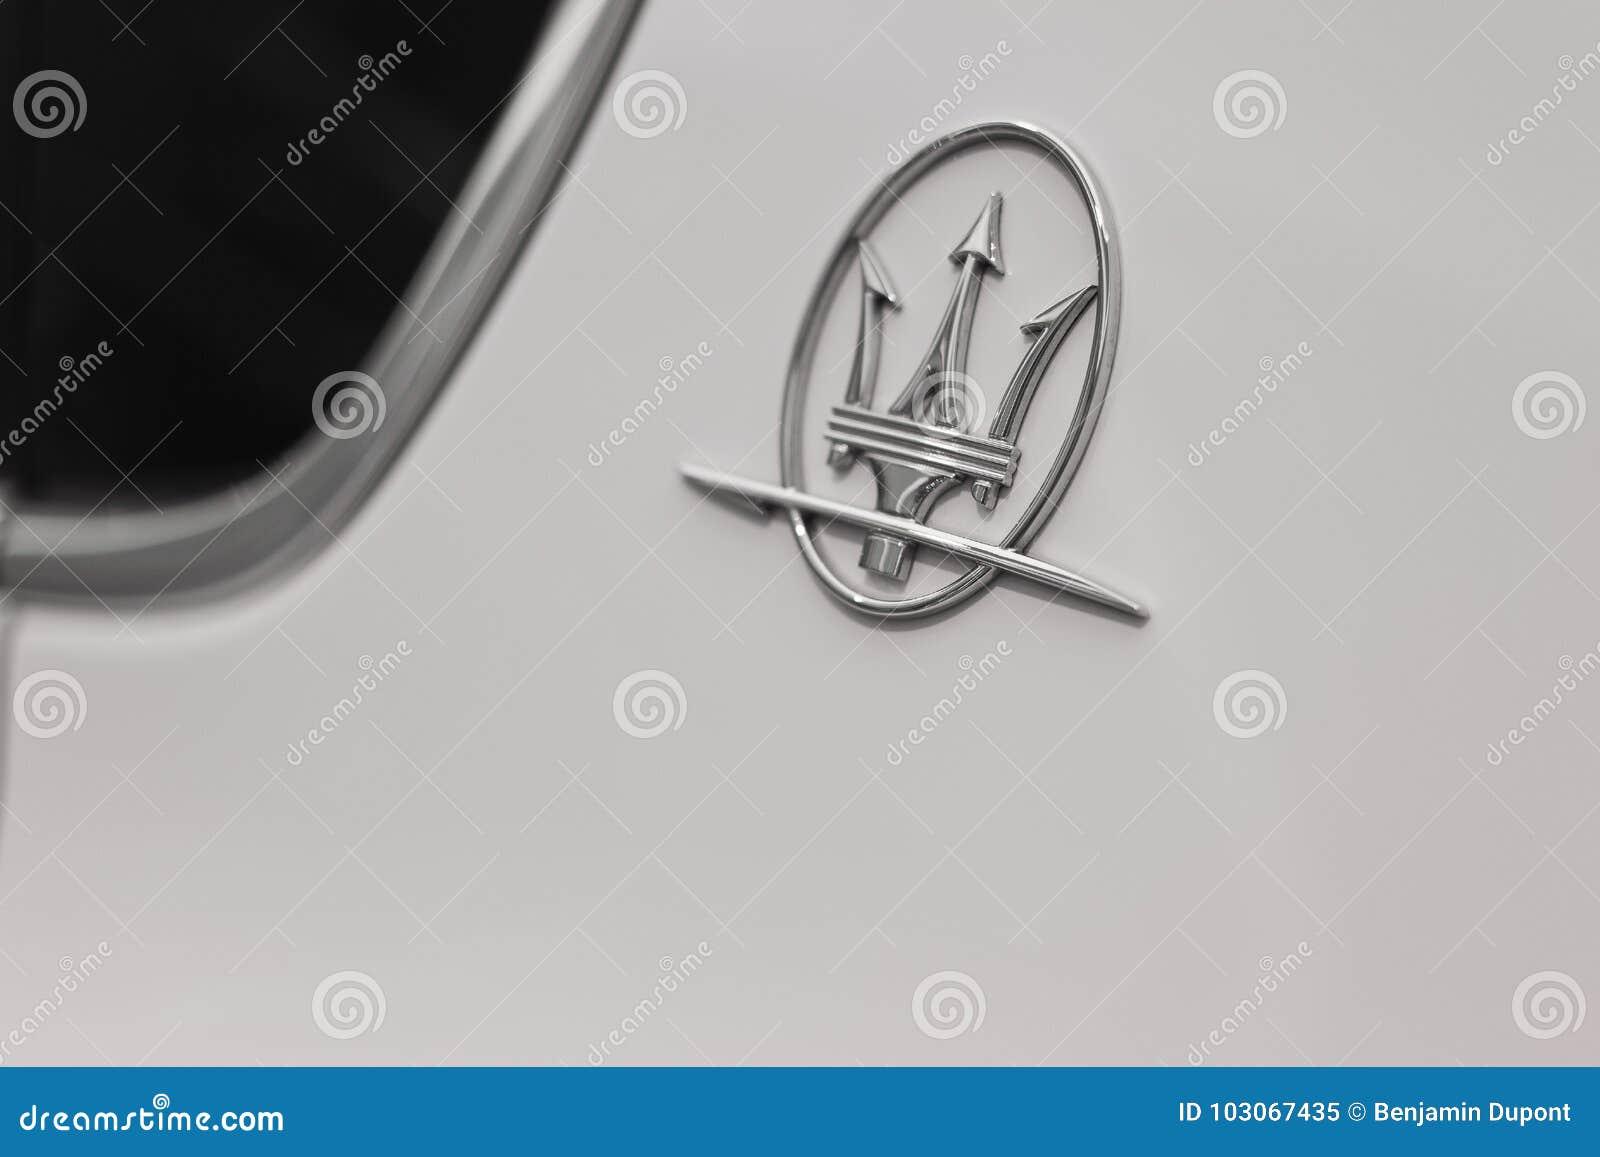 White Maserati Quattroporte Editorial Image Image Of Drive Model